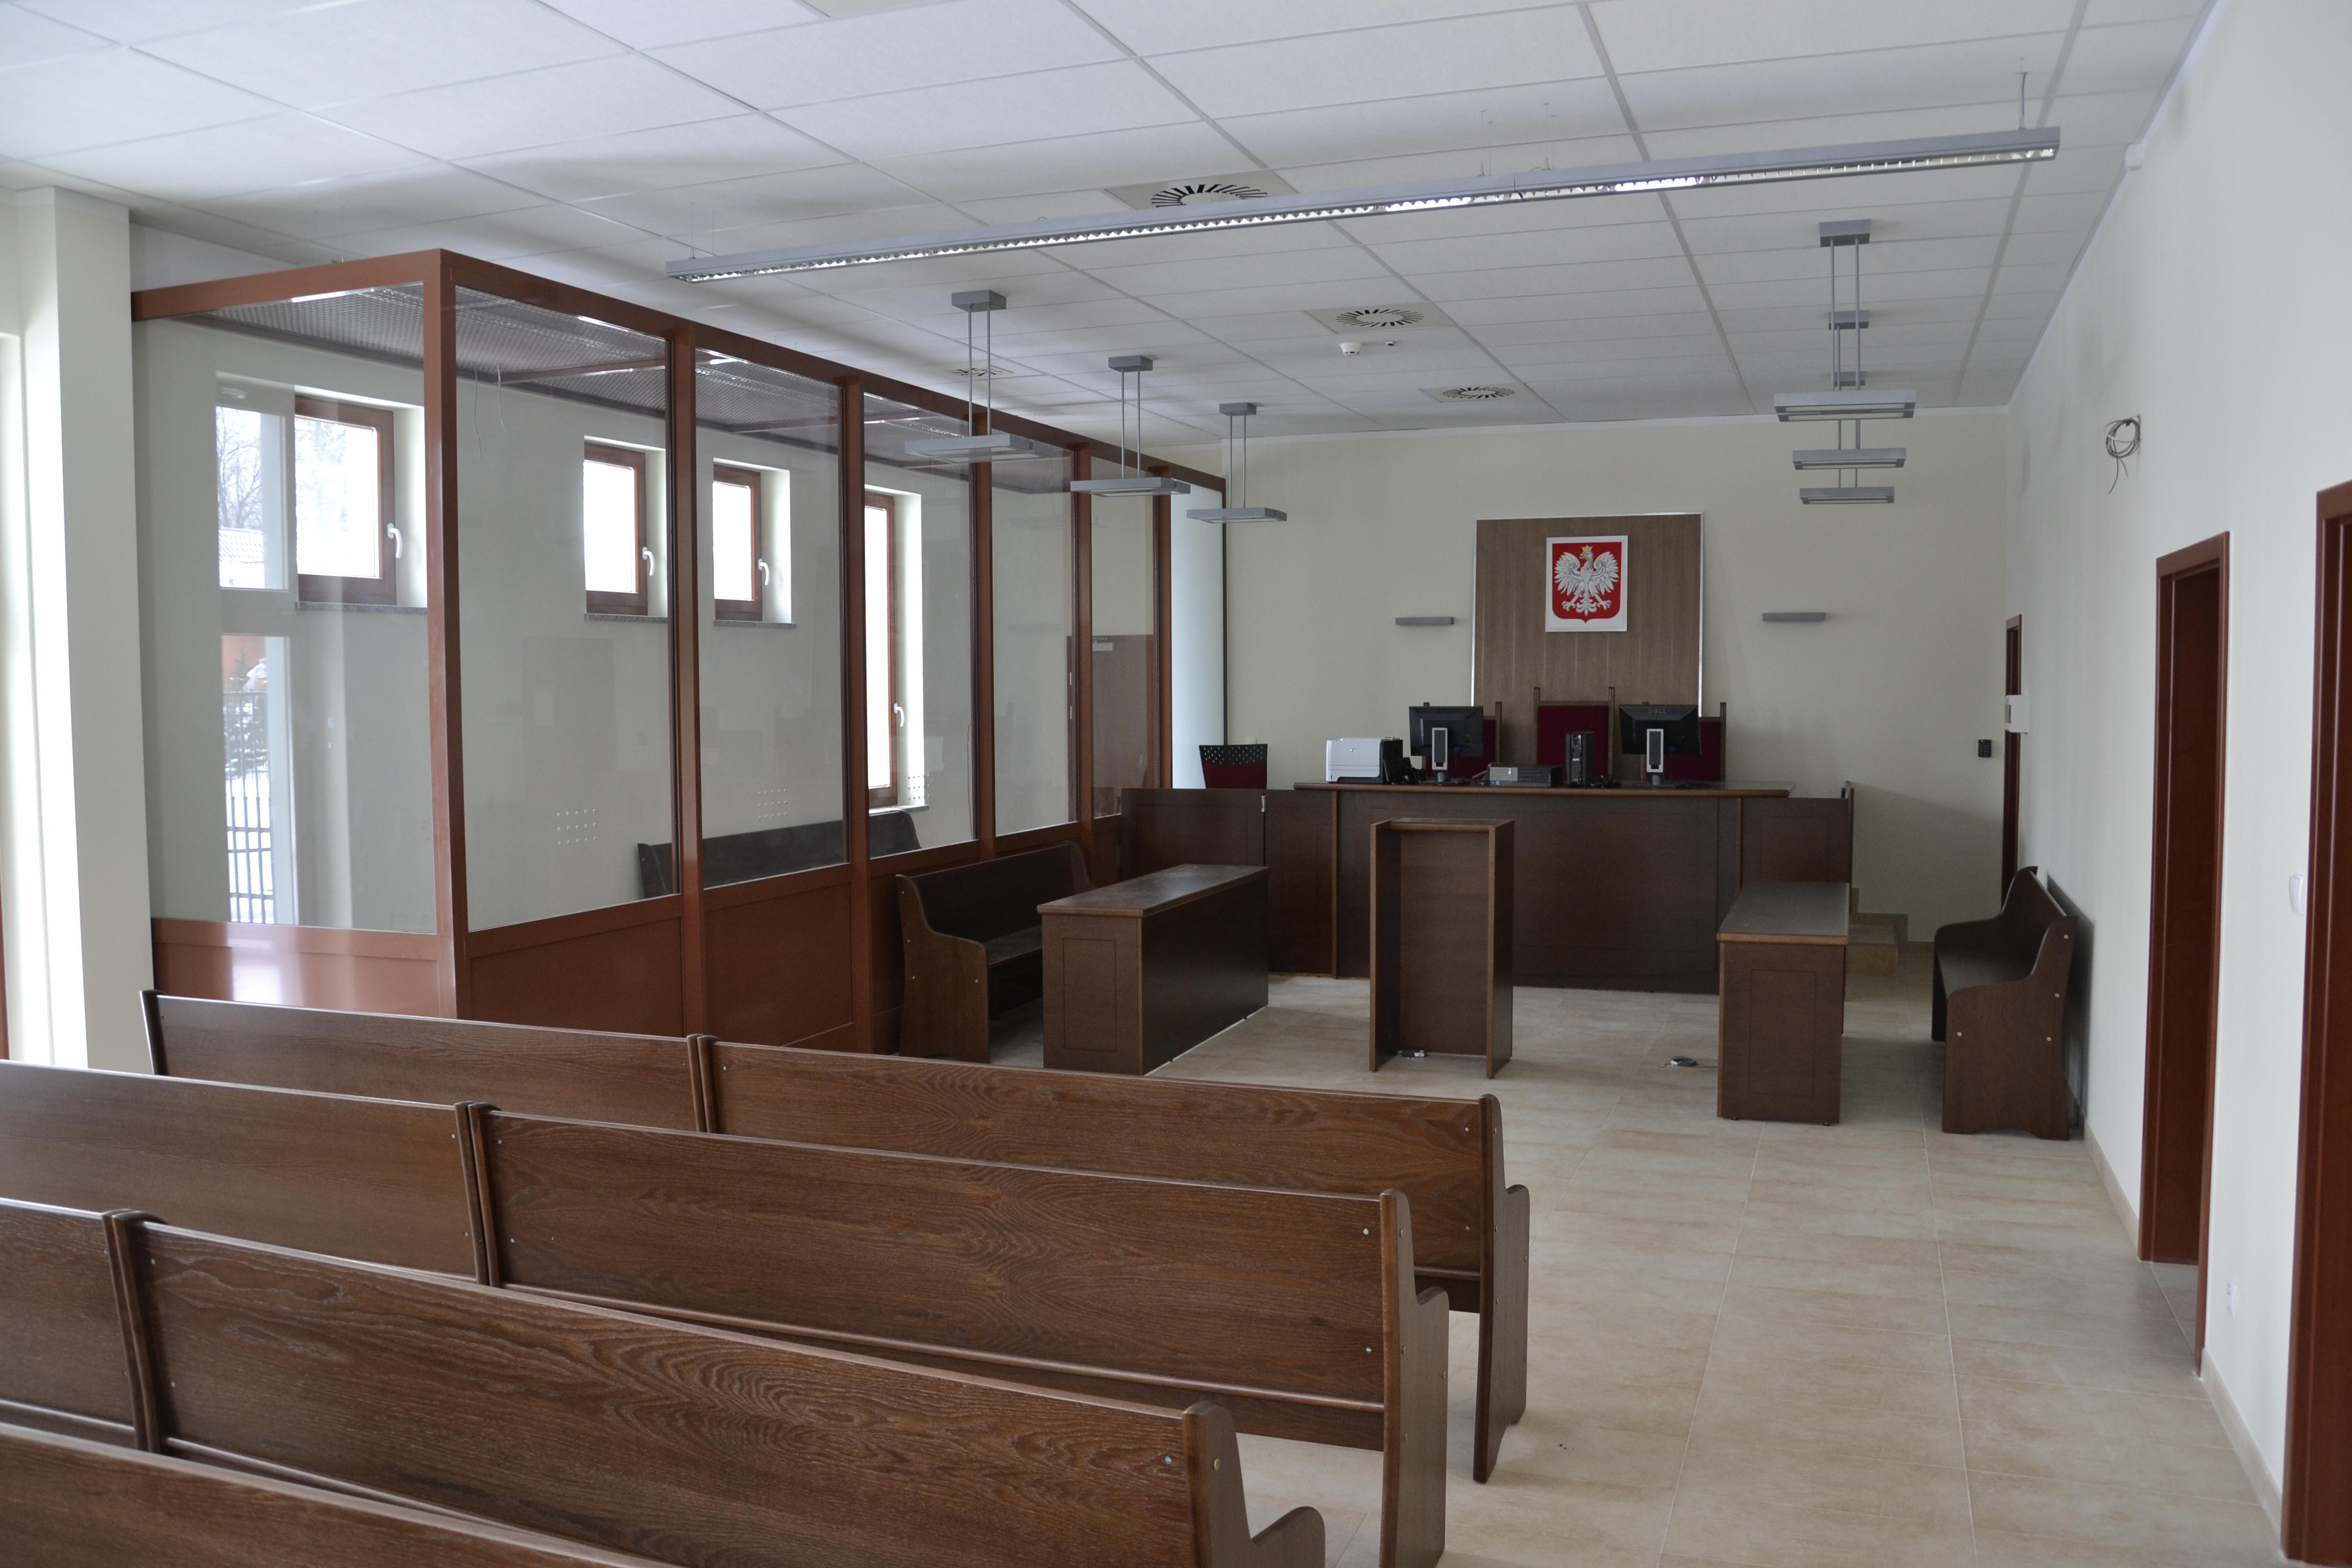 Downloads District Court In Zabkowice Slaskie Skanska